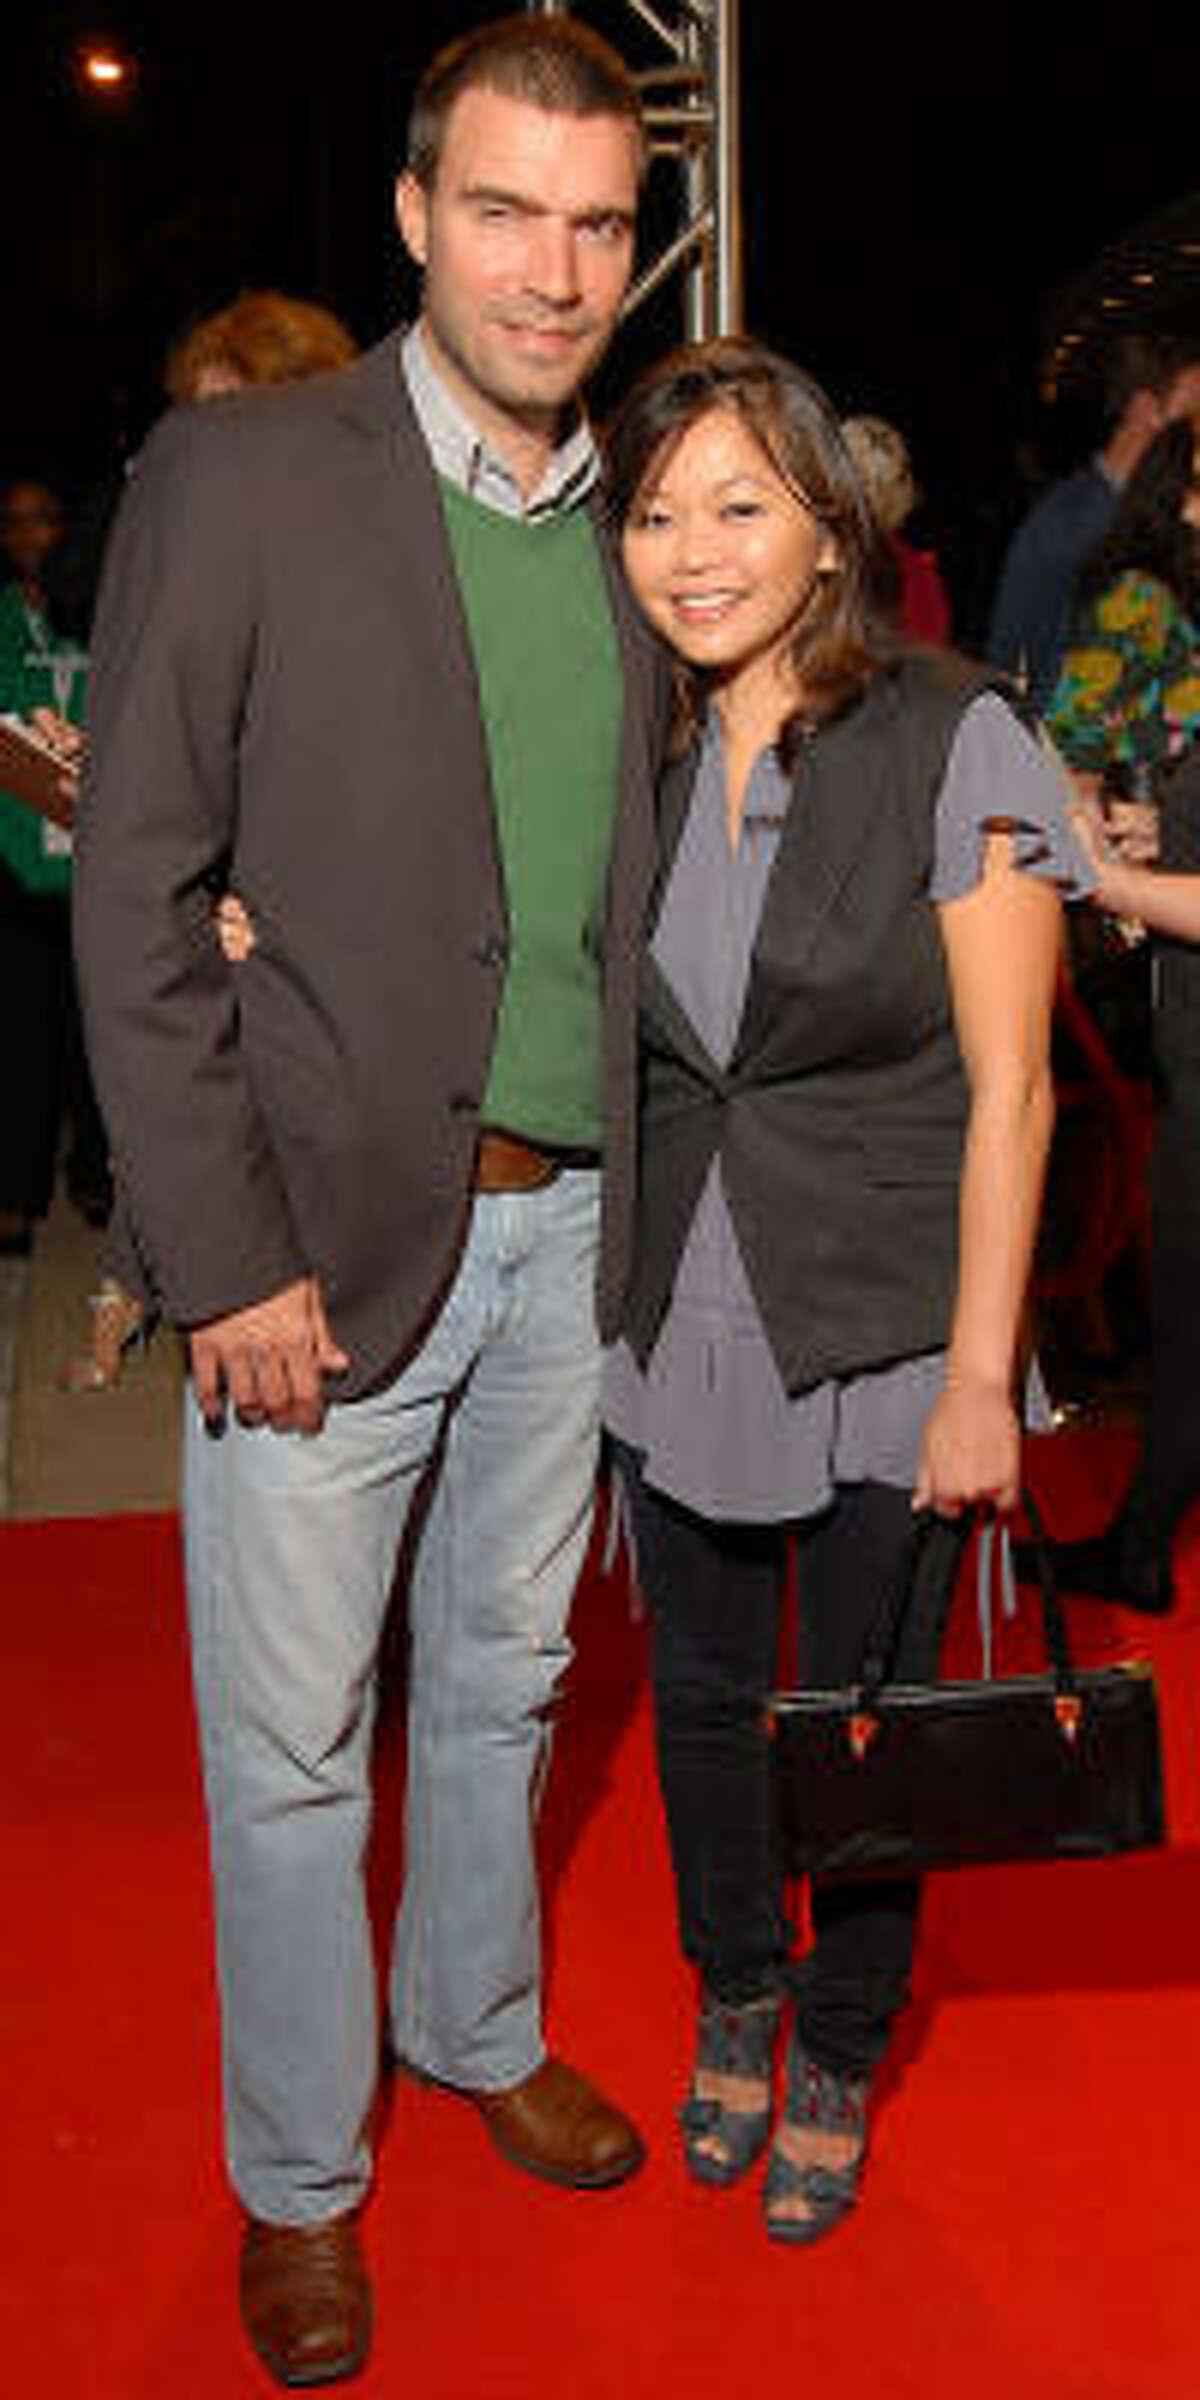 Kenneth Pursley and designer Chloe Dao